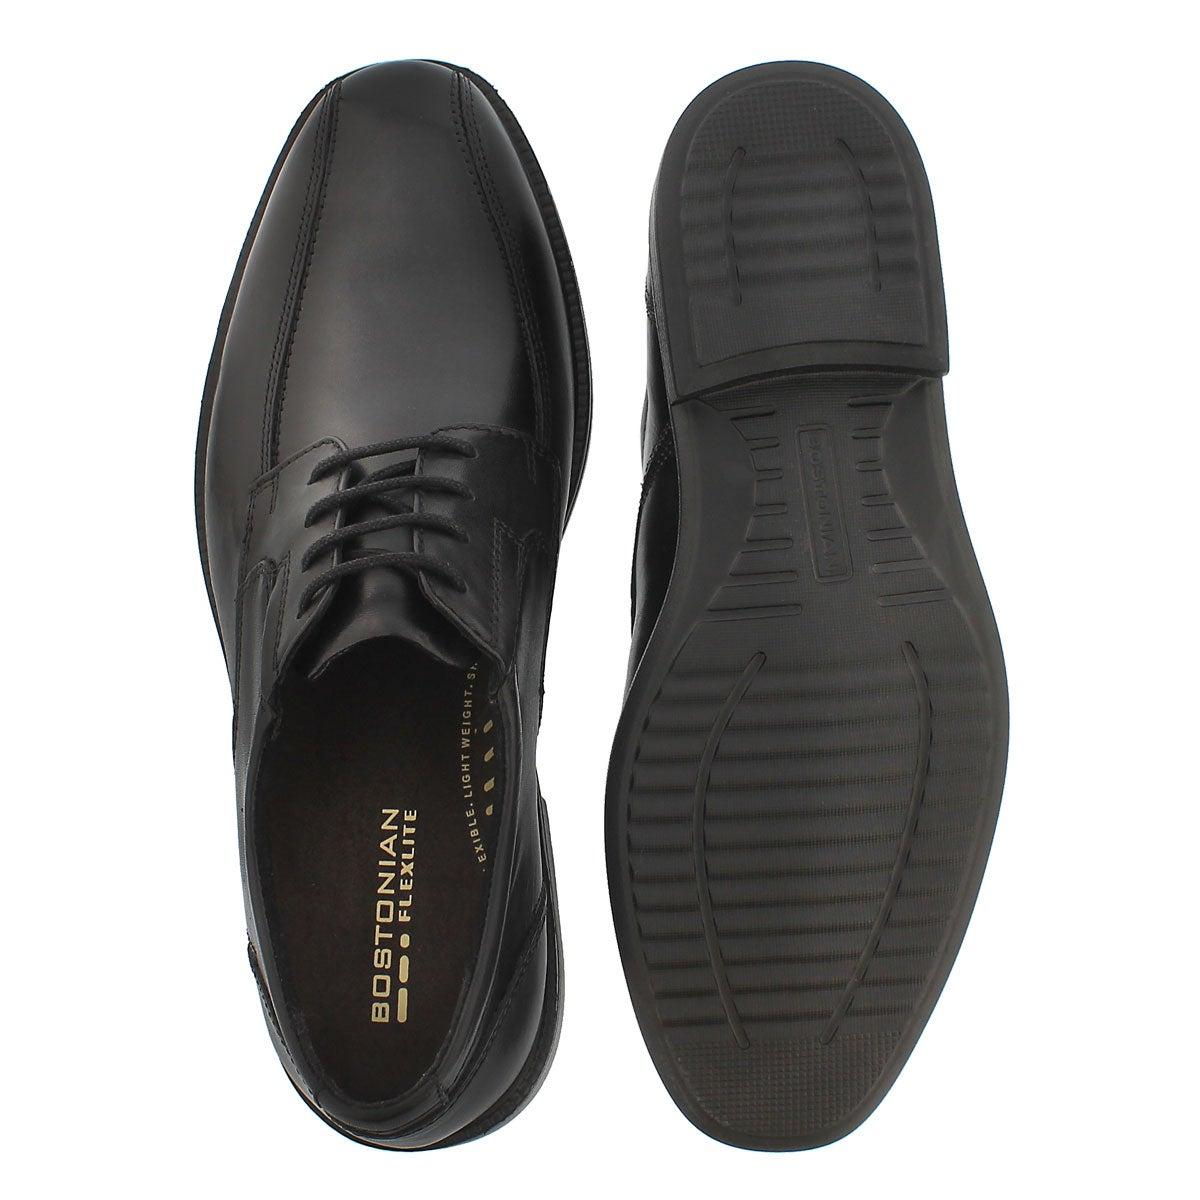 Mns Bardwell Walk blk lace up dress shoe